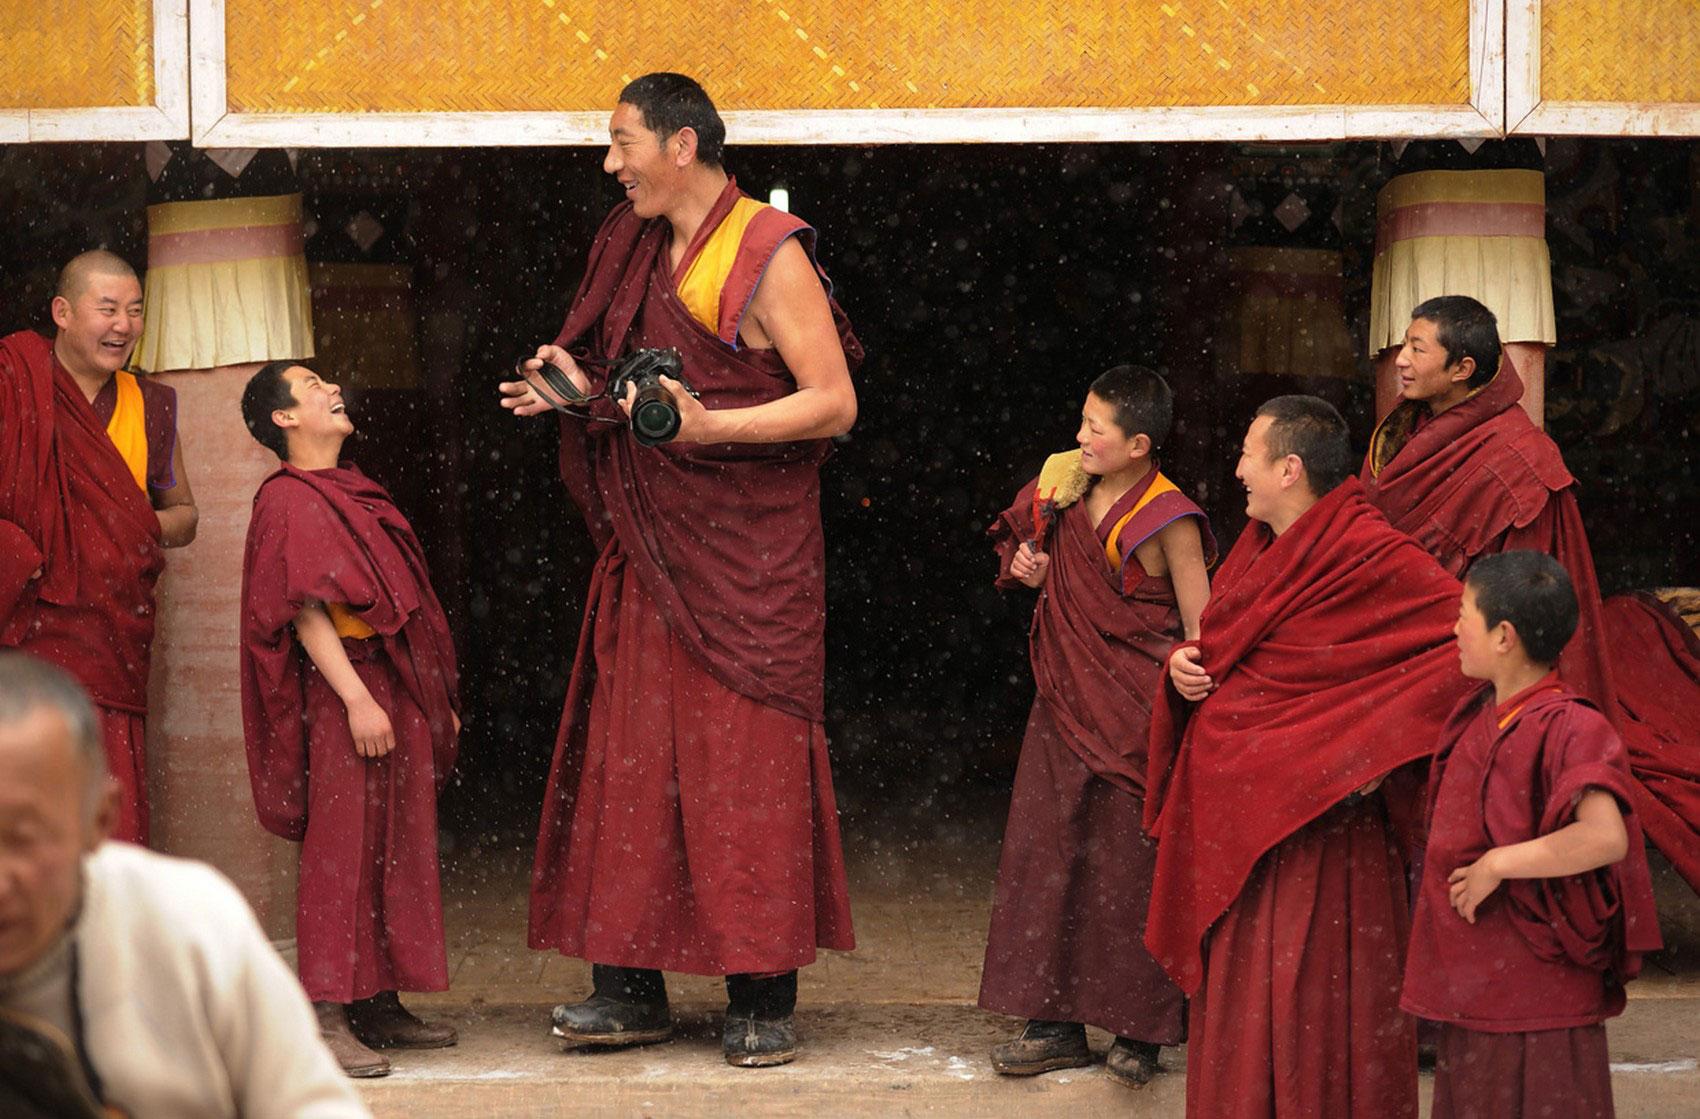 монахи, фото